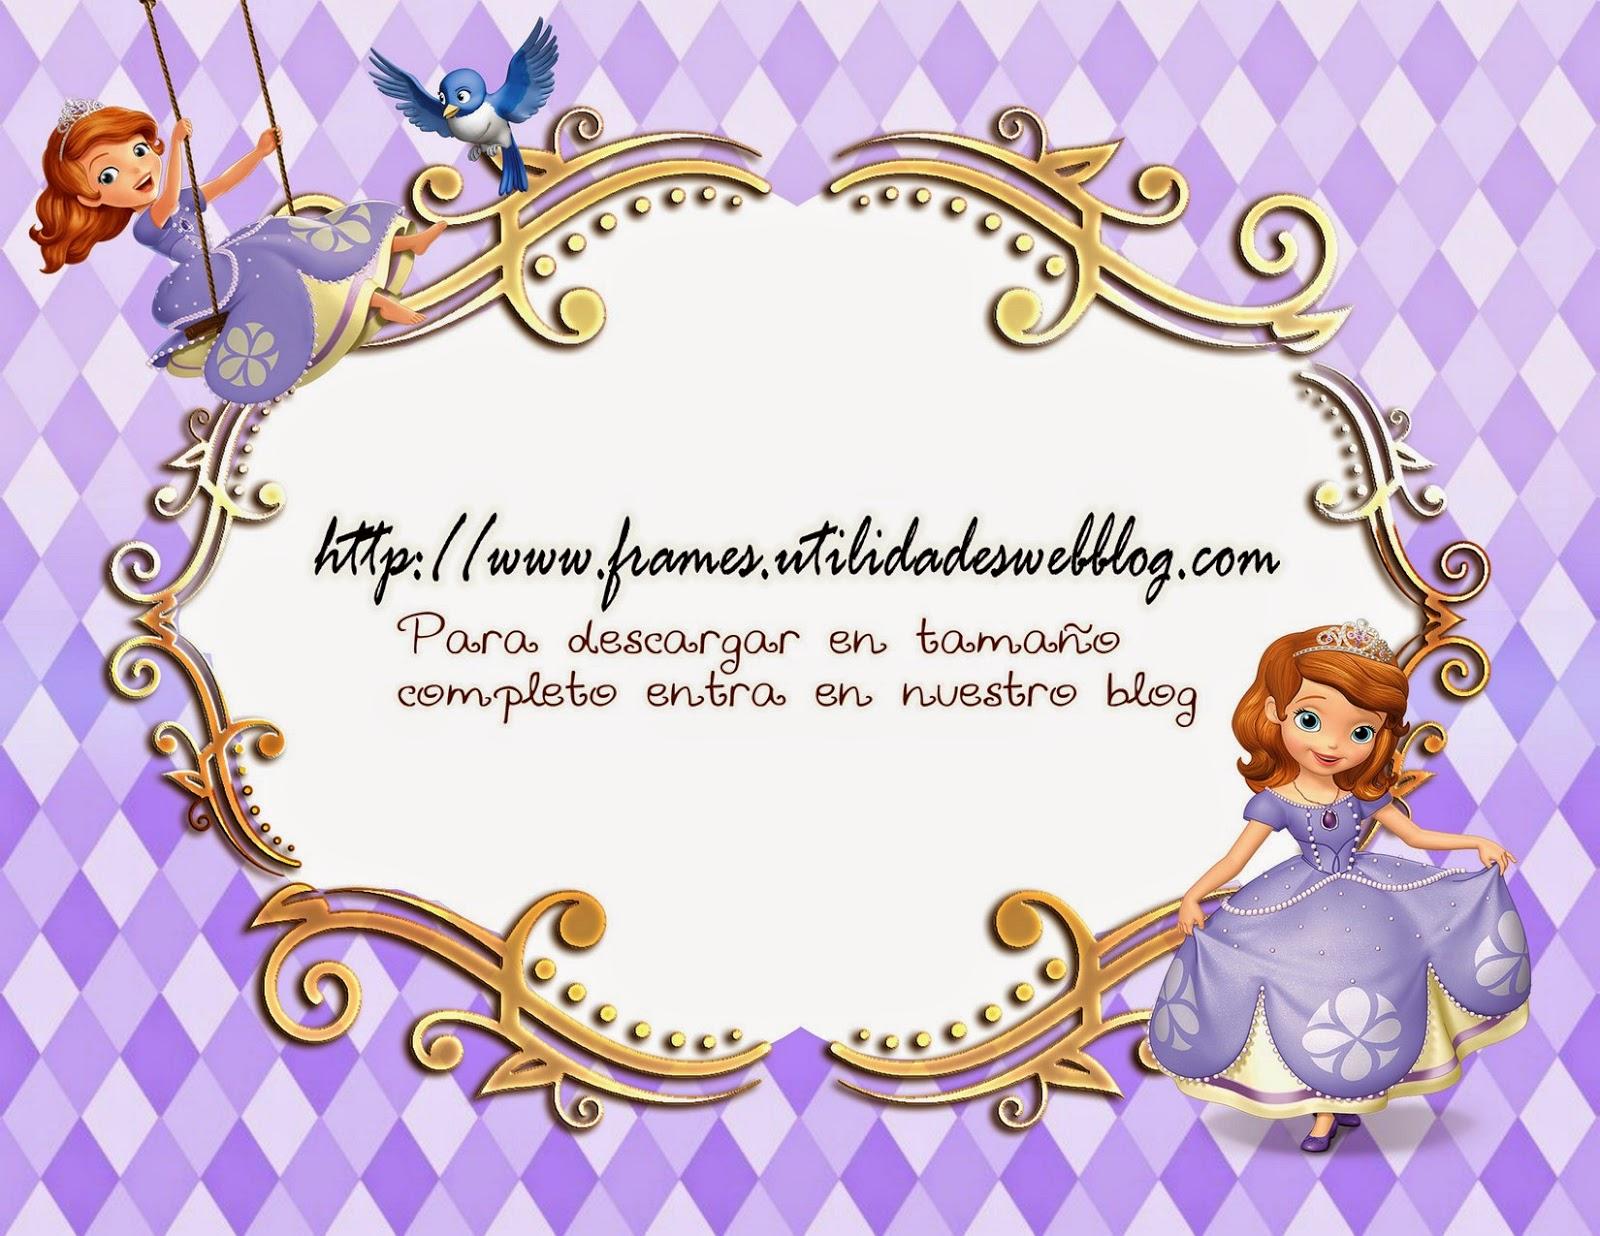 marcos para fotos infantiles de la princesa sofia